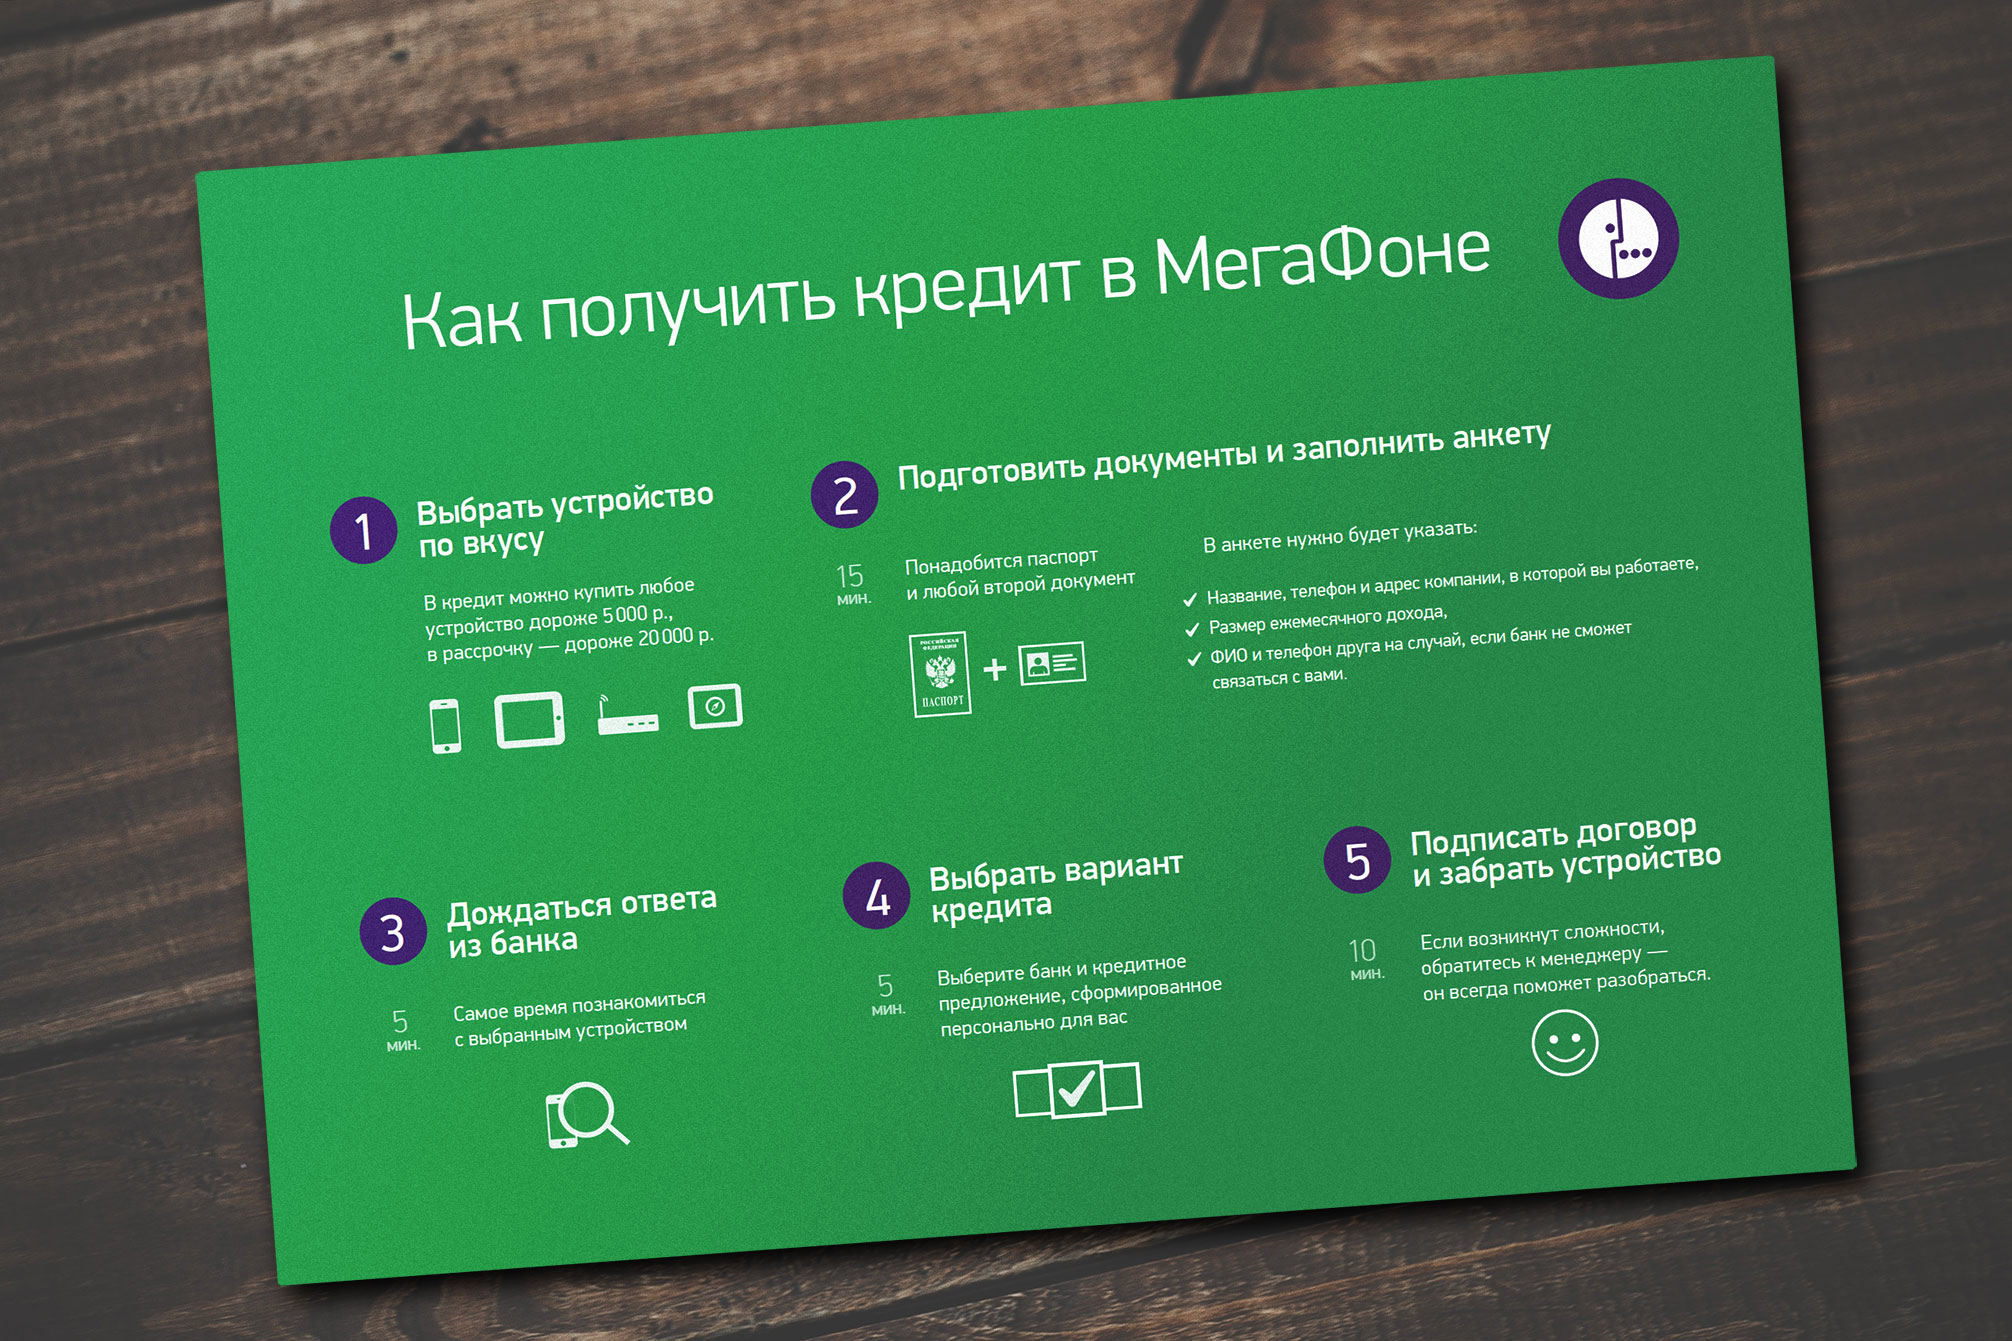 как получить займ гражданин киргизии в москве